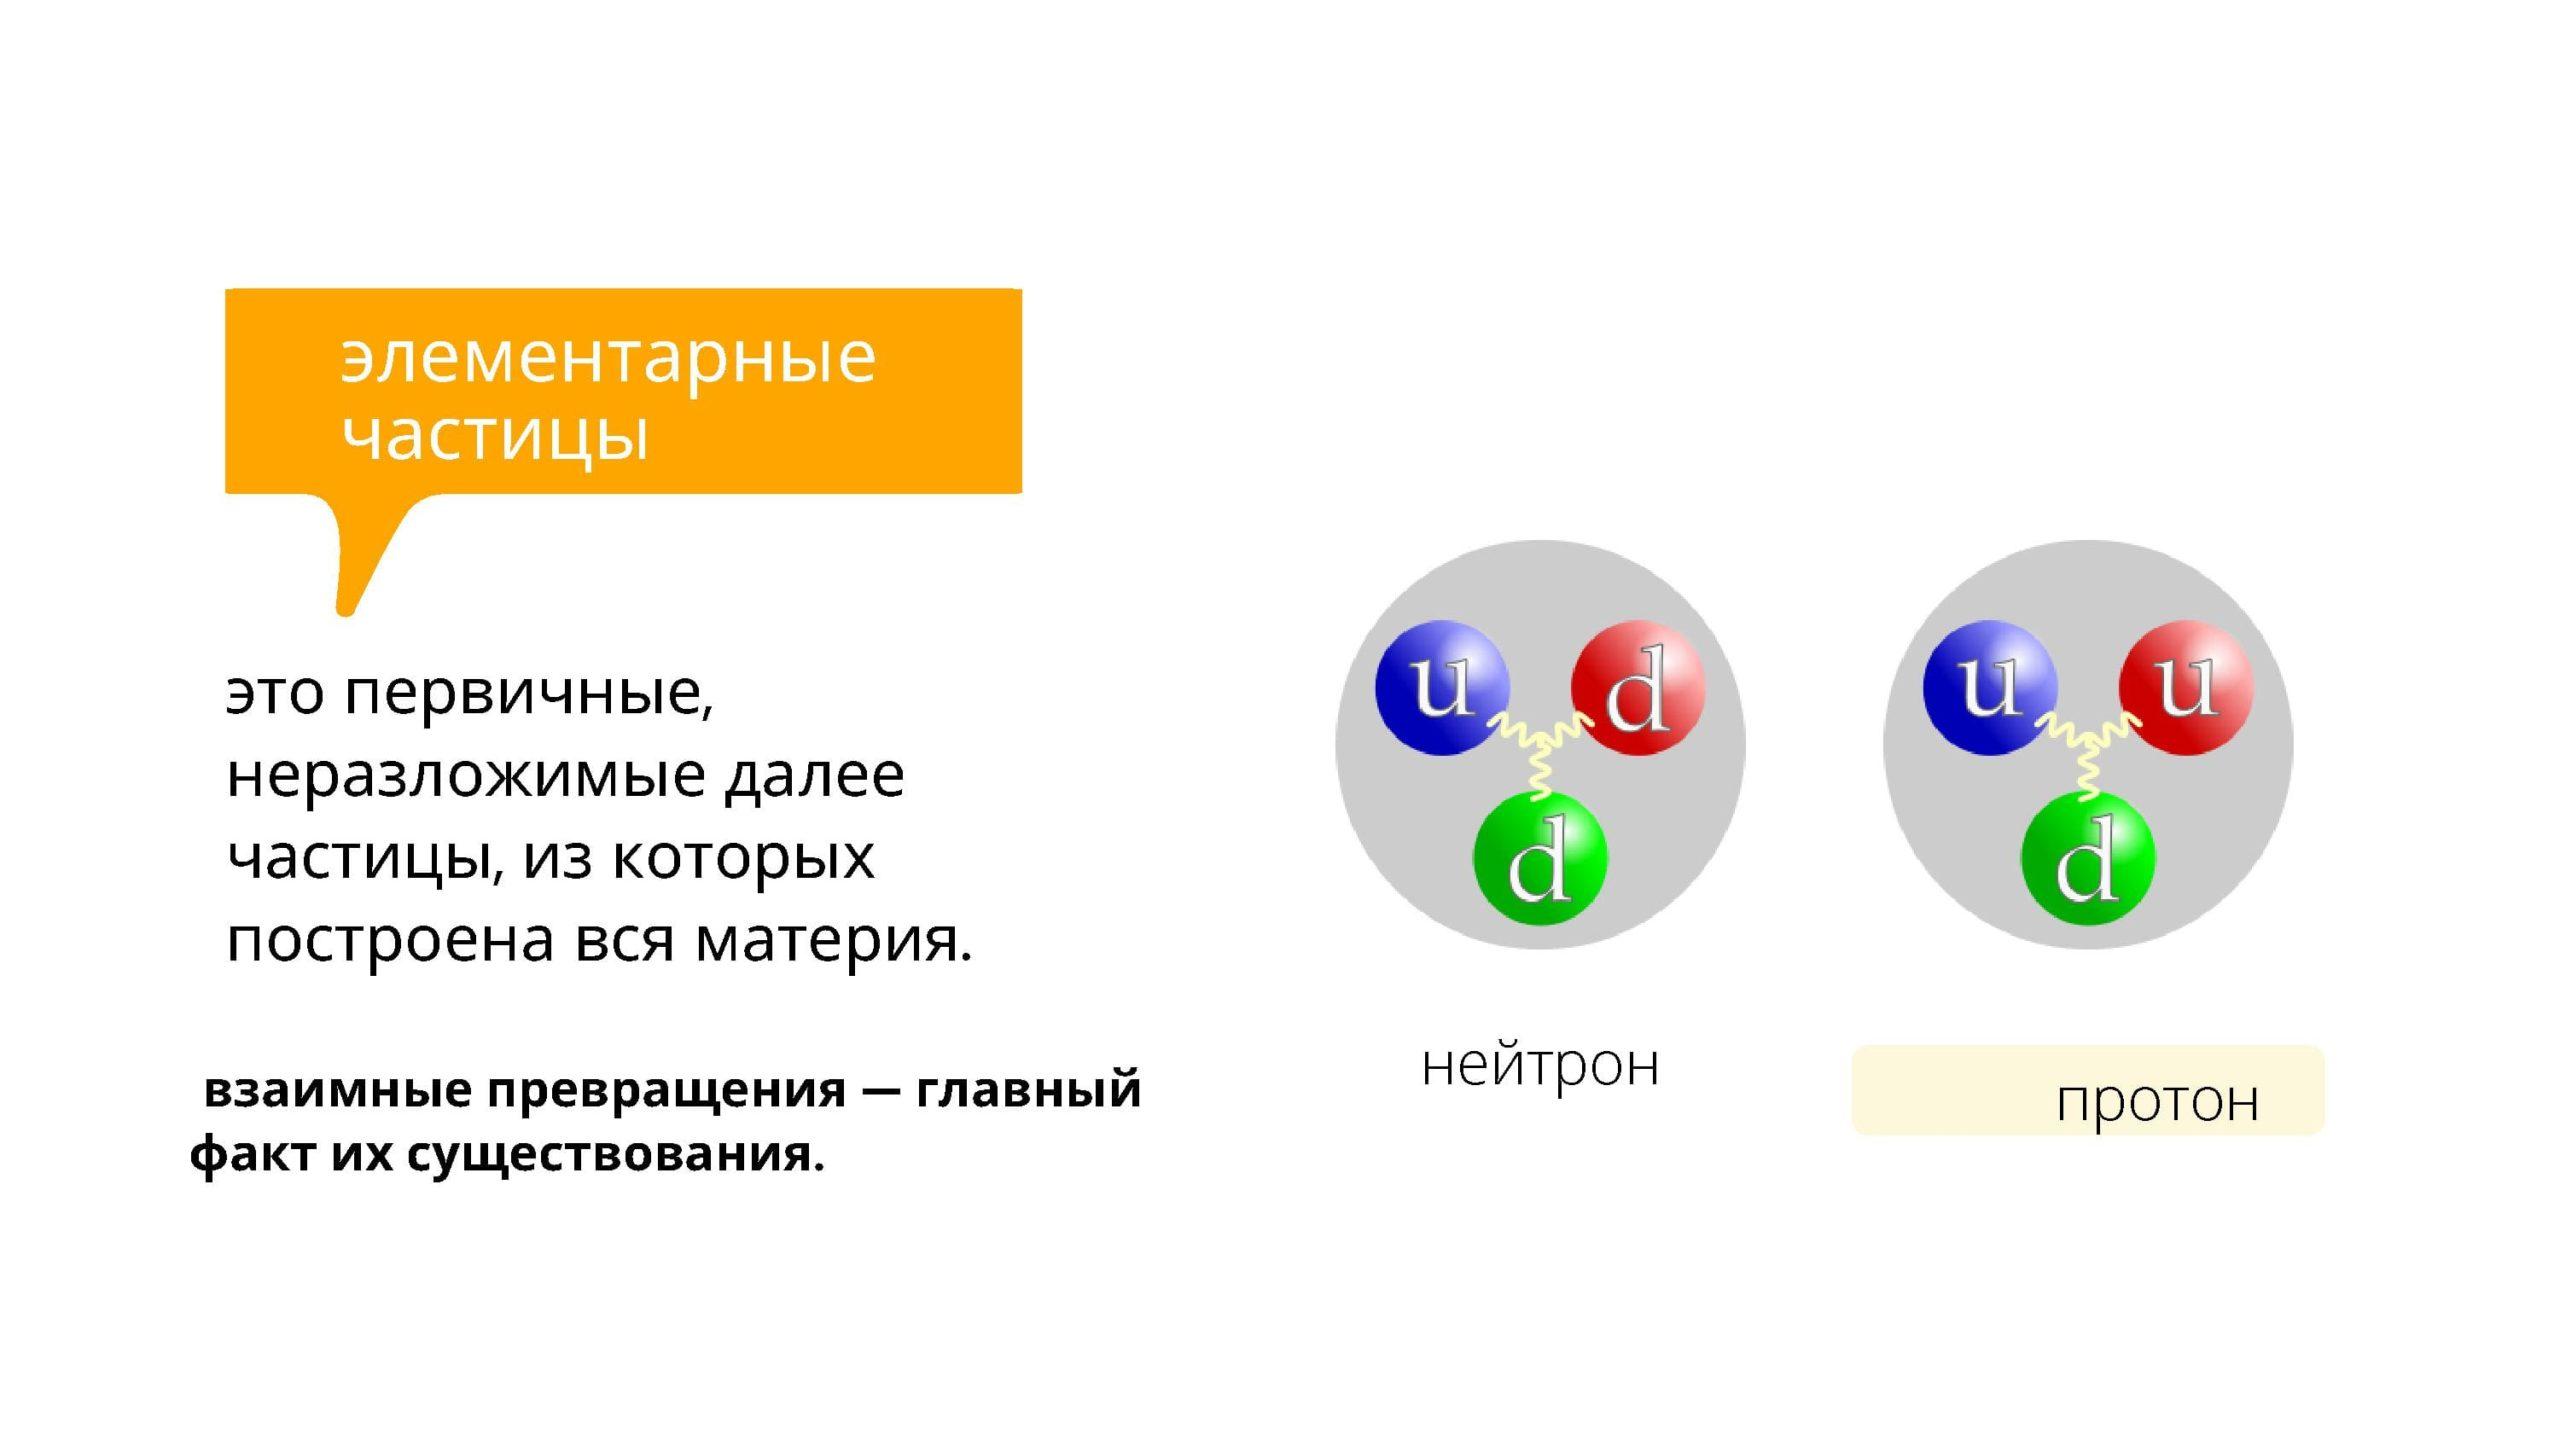 Элементарные частицы - это первичные, неразложимые далее частицы, из которых